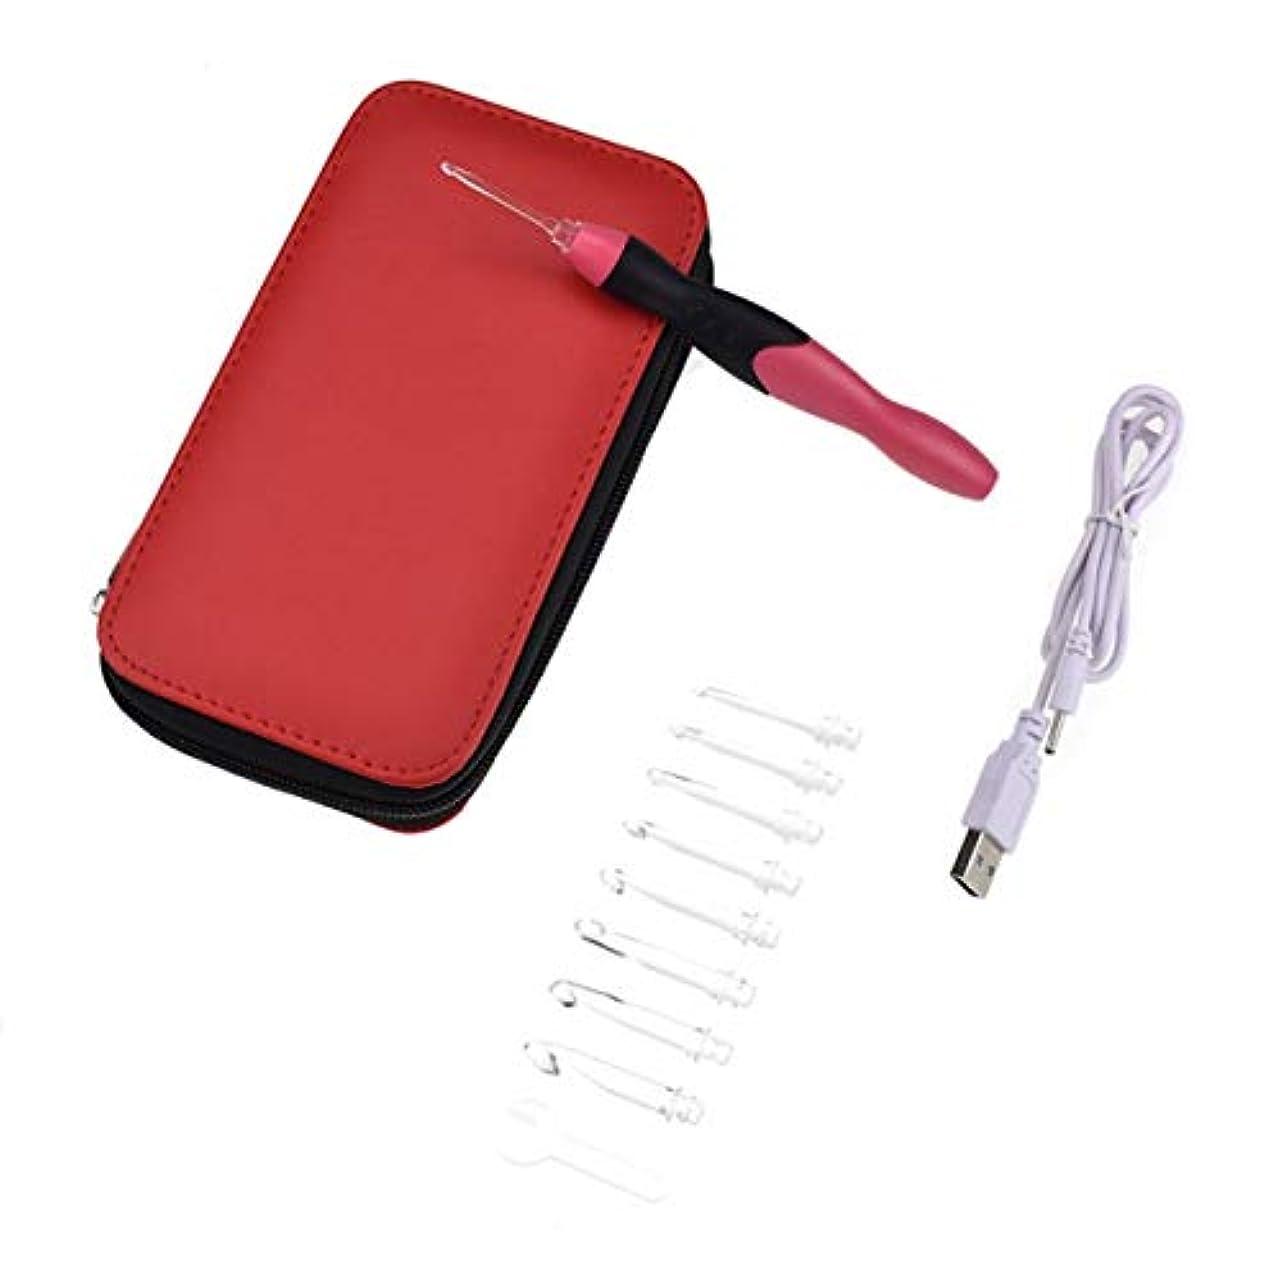 保証金変装した中国Saikogoods USB充電式 ライトアップかぎ針編みのフックセット 収納袋付き9つの交換可能チップ LEDニッティング ソーイングクラフトツール 赤 黒